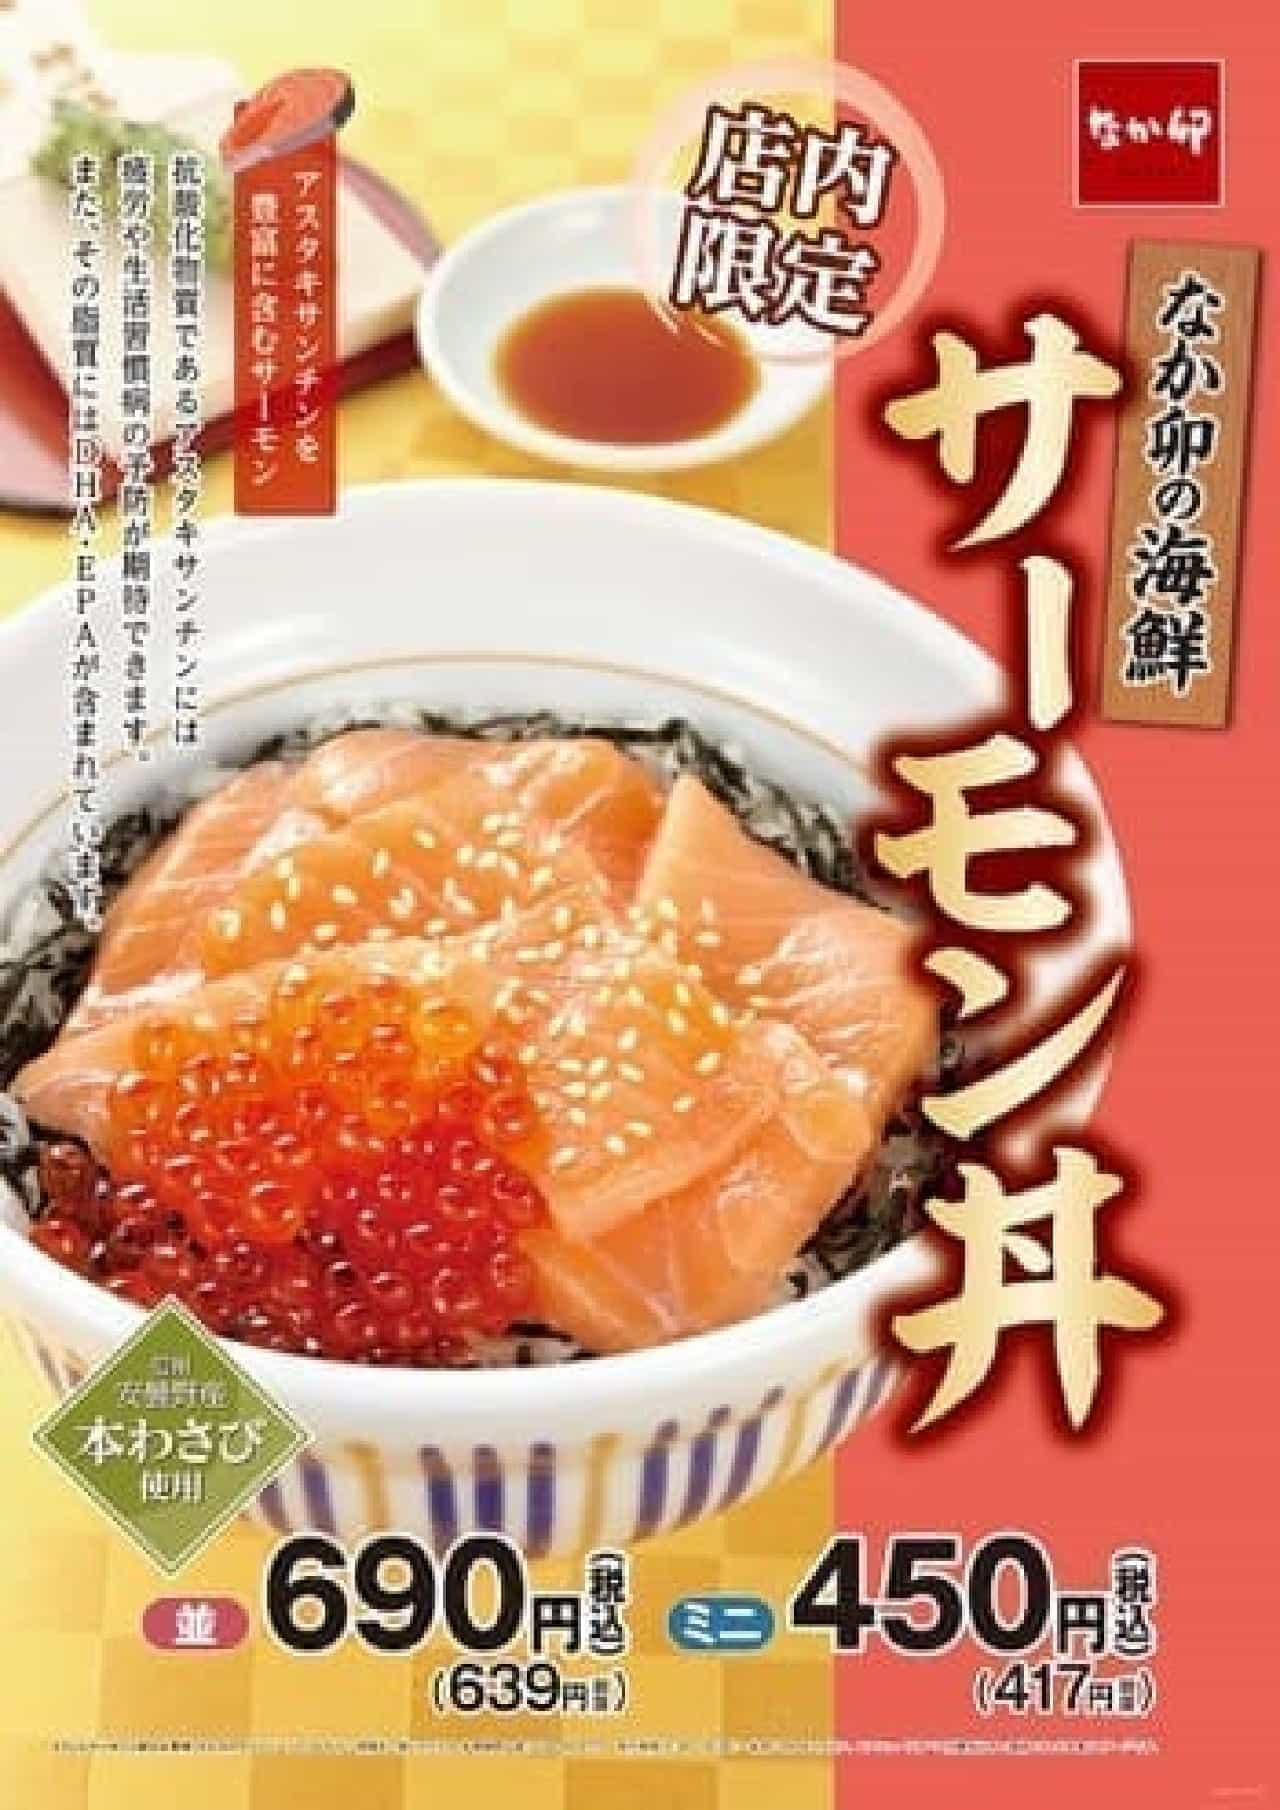 海鮮丼の第2弾が登場!(出典:なか卯公式サイト)